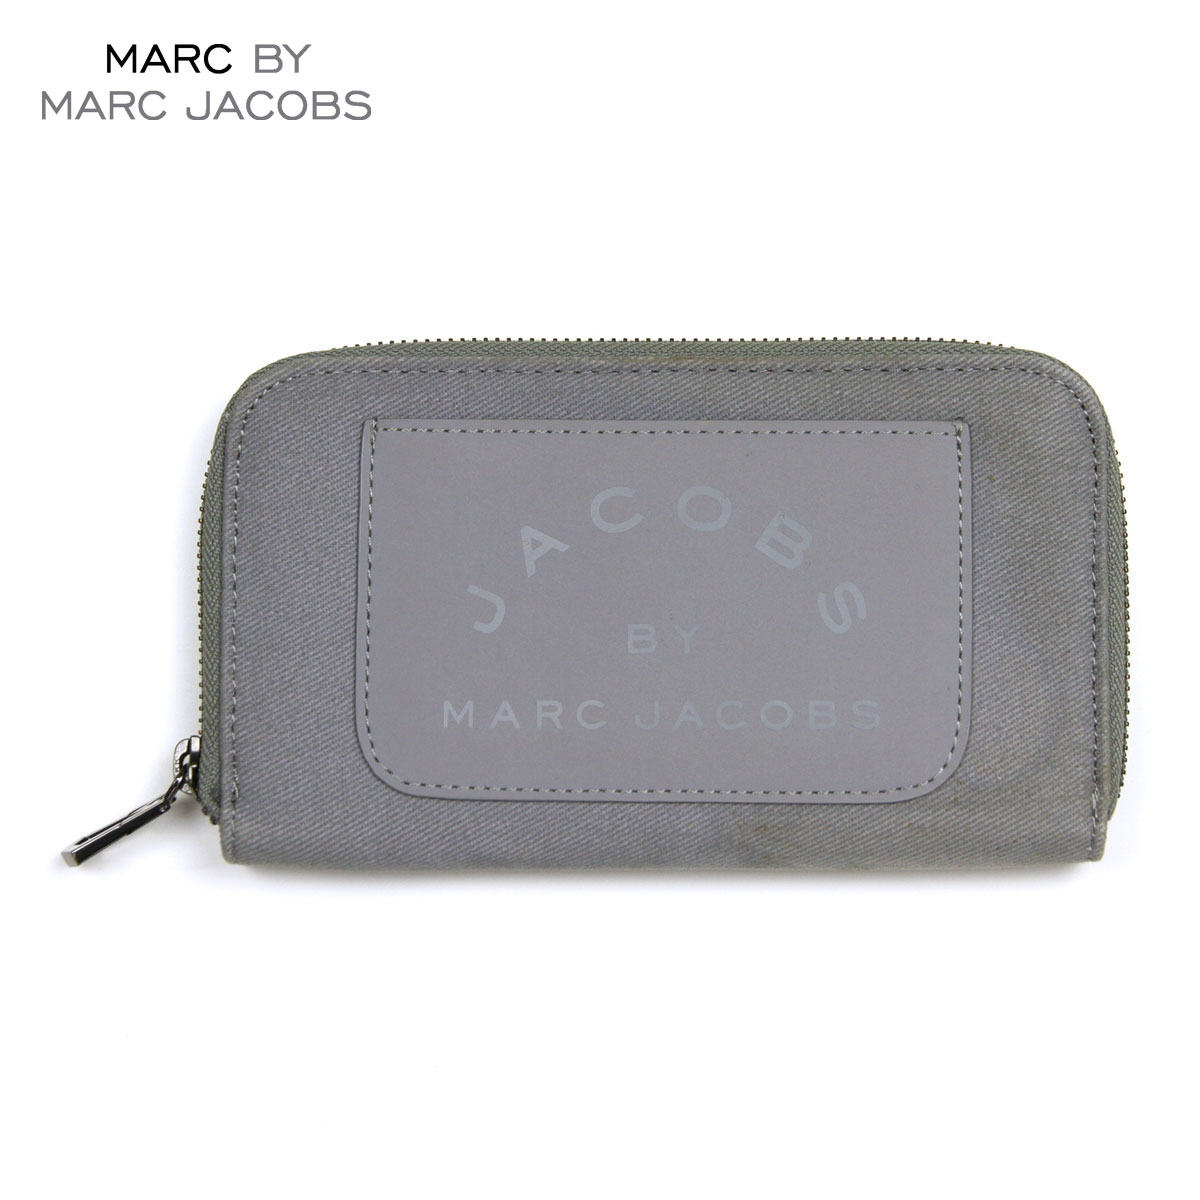 【販売期間 10/18 10:00〜10/26 9:59】 マークジェイコブス MARCJACOBS 正規品 財布 Laminated Twill Jacobs Long Zip Wallet (W19*H11cm) D15S25